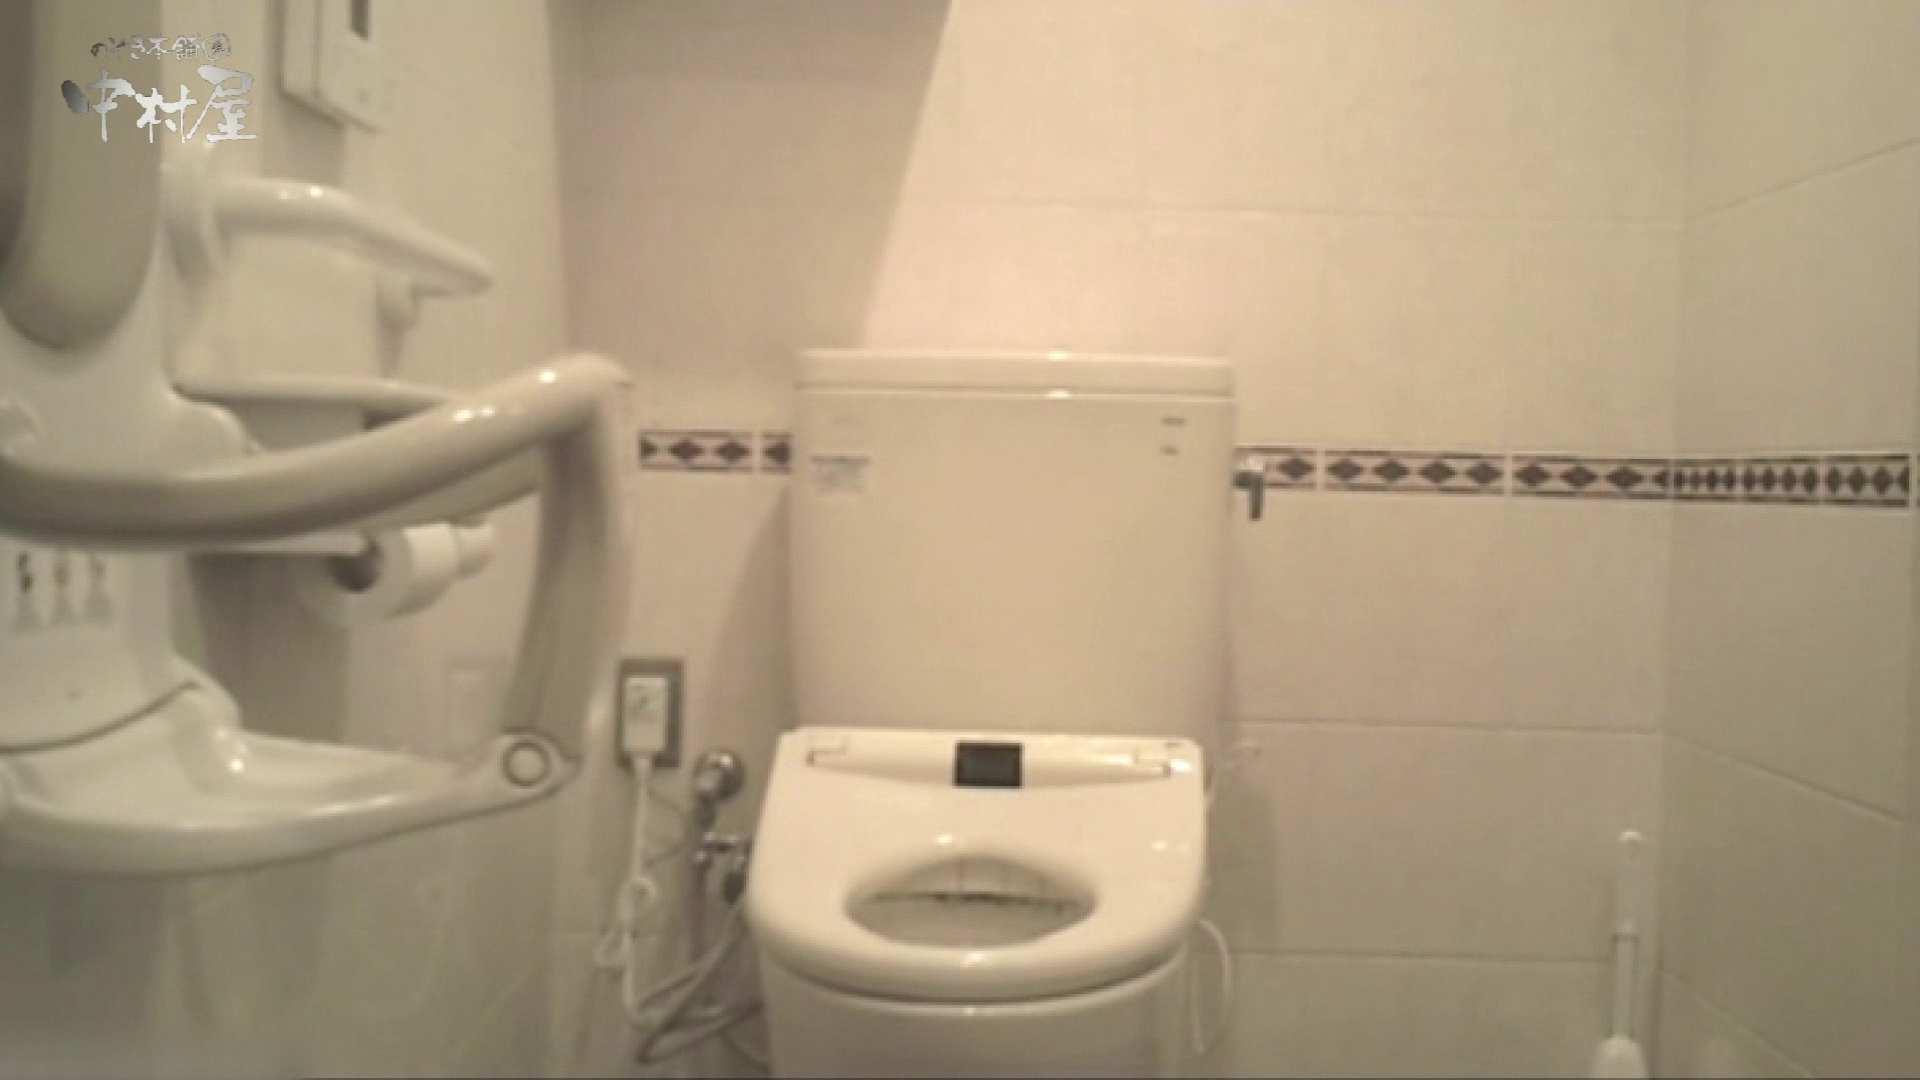 ティーンガールのトイレ覗き‼vol.21 OLセックス 盗み撮りAV無料動画キャプチャ 79画像 44